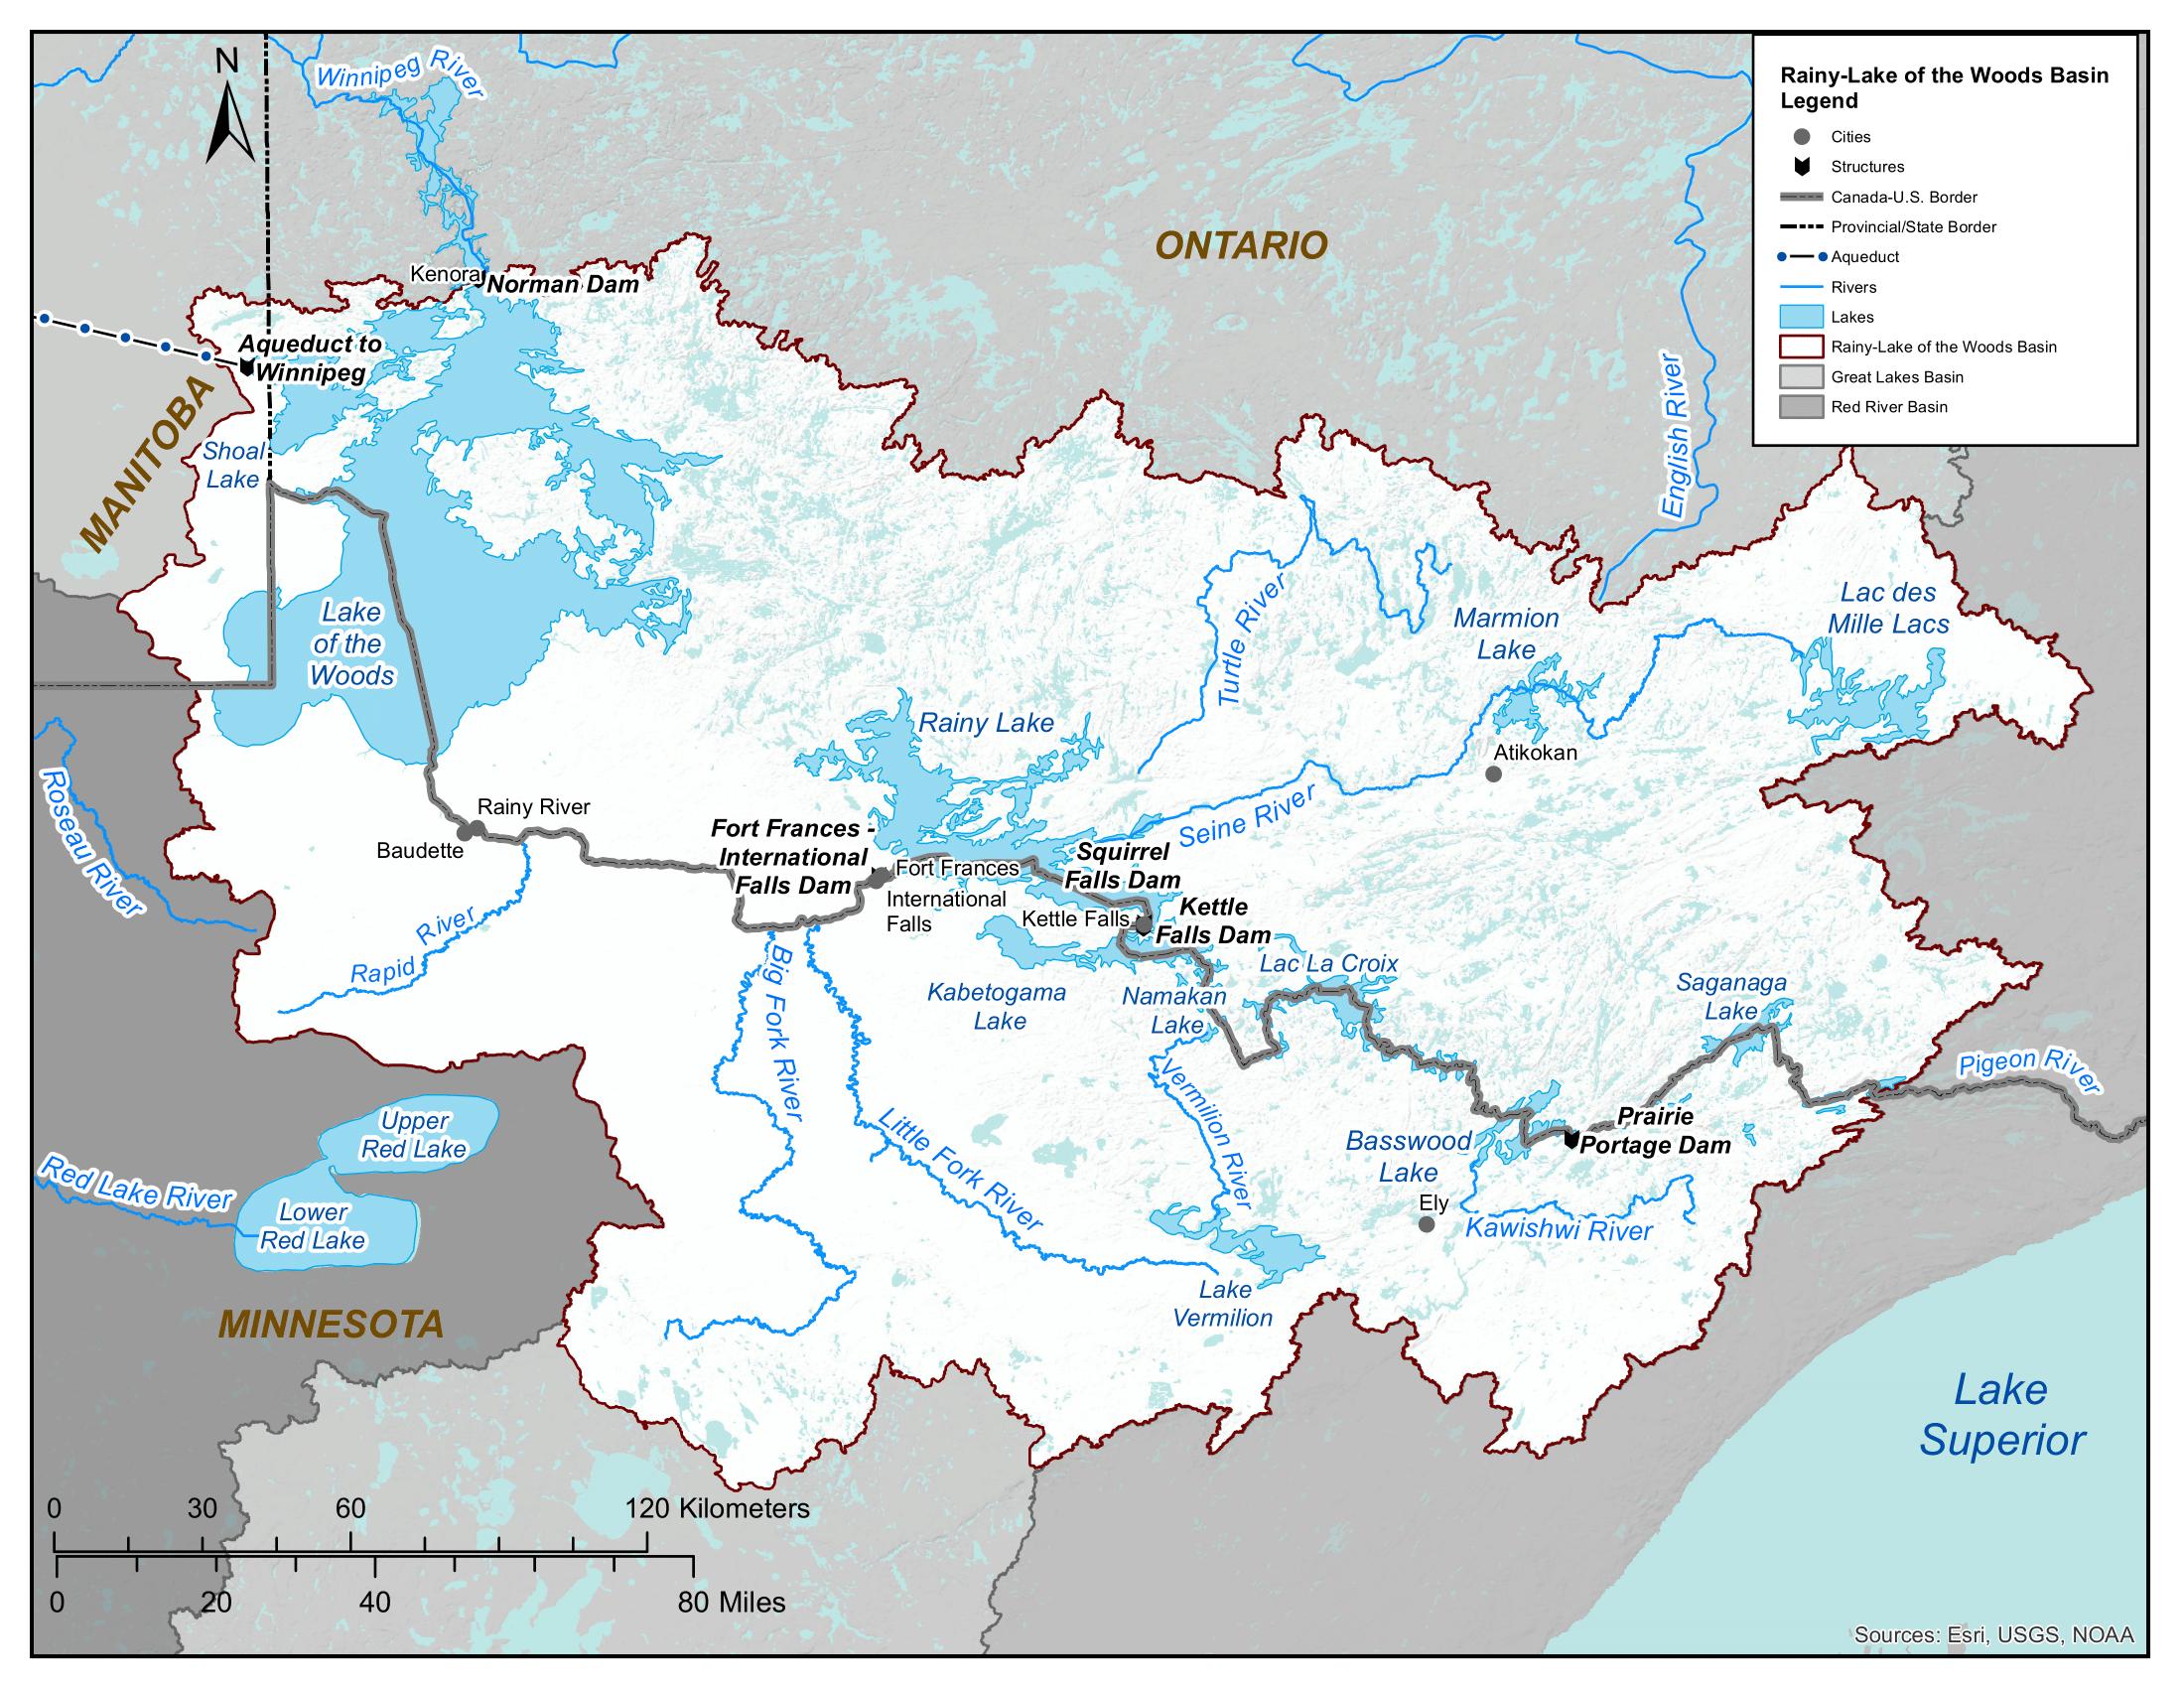 Map - Rainy-Lake of the Woods Basin